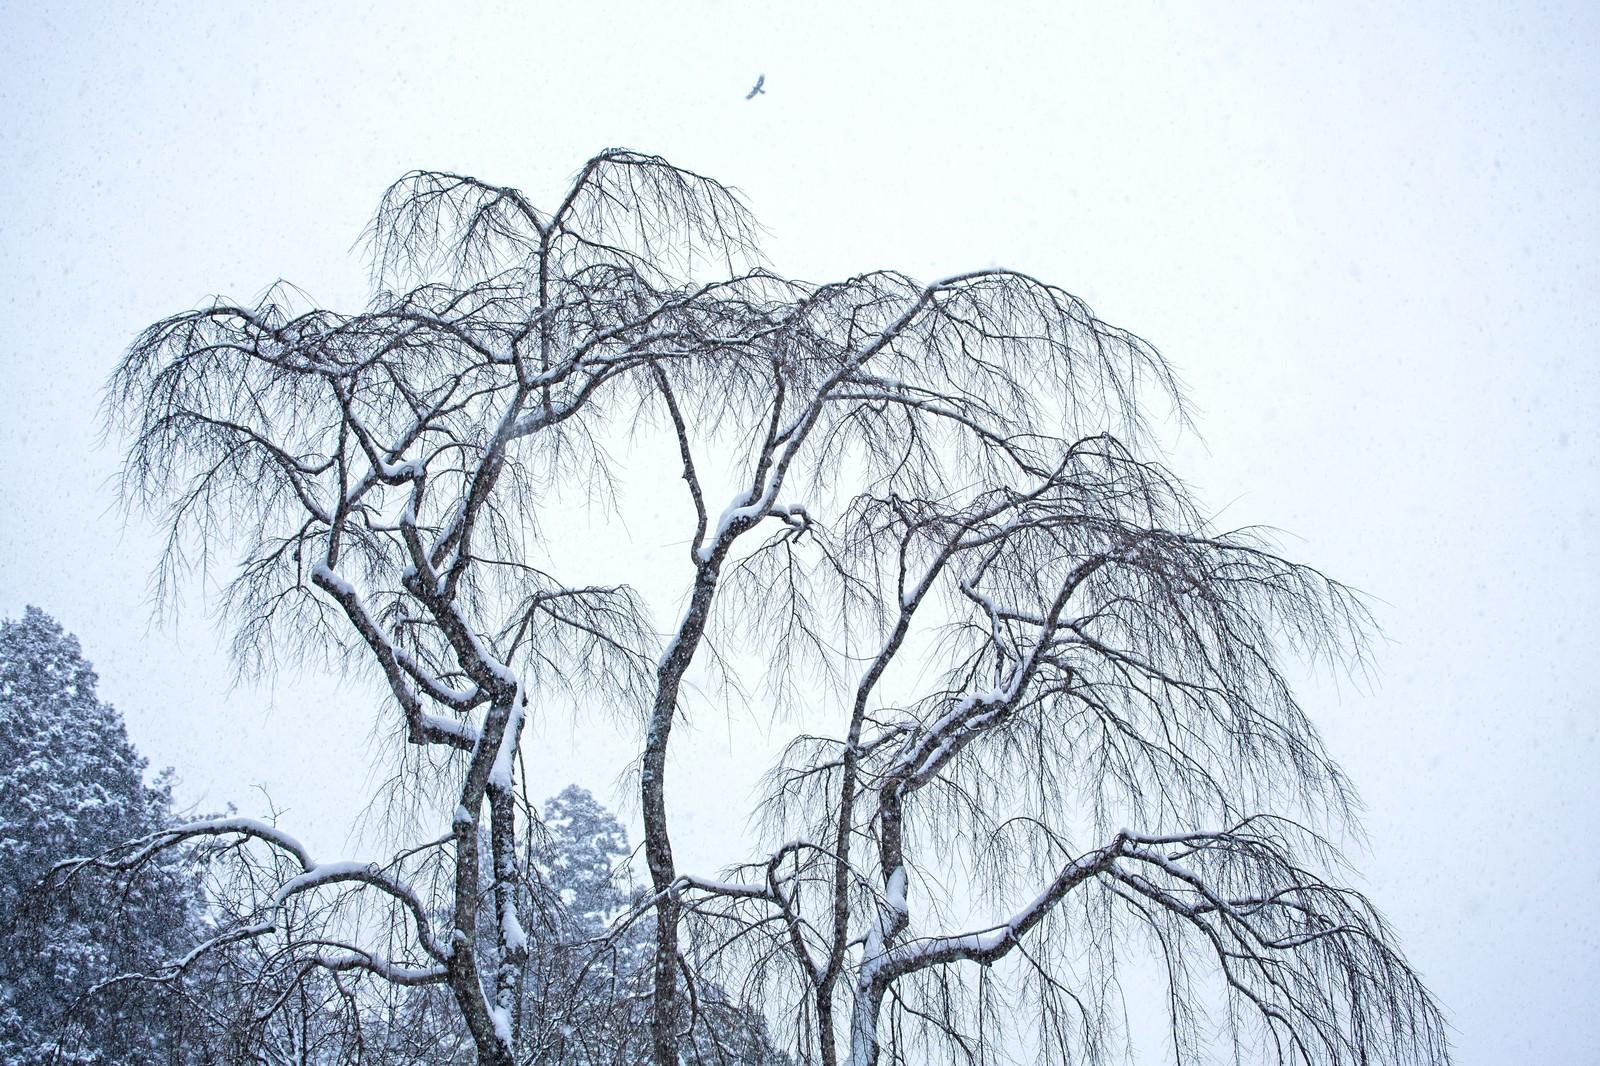 「枝垂れ木に積もる雪」の写真